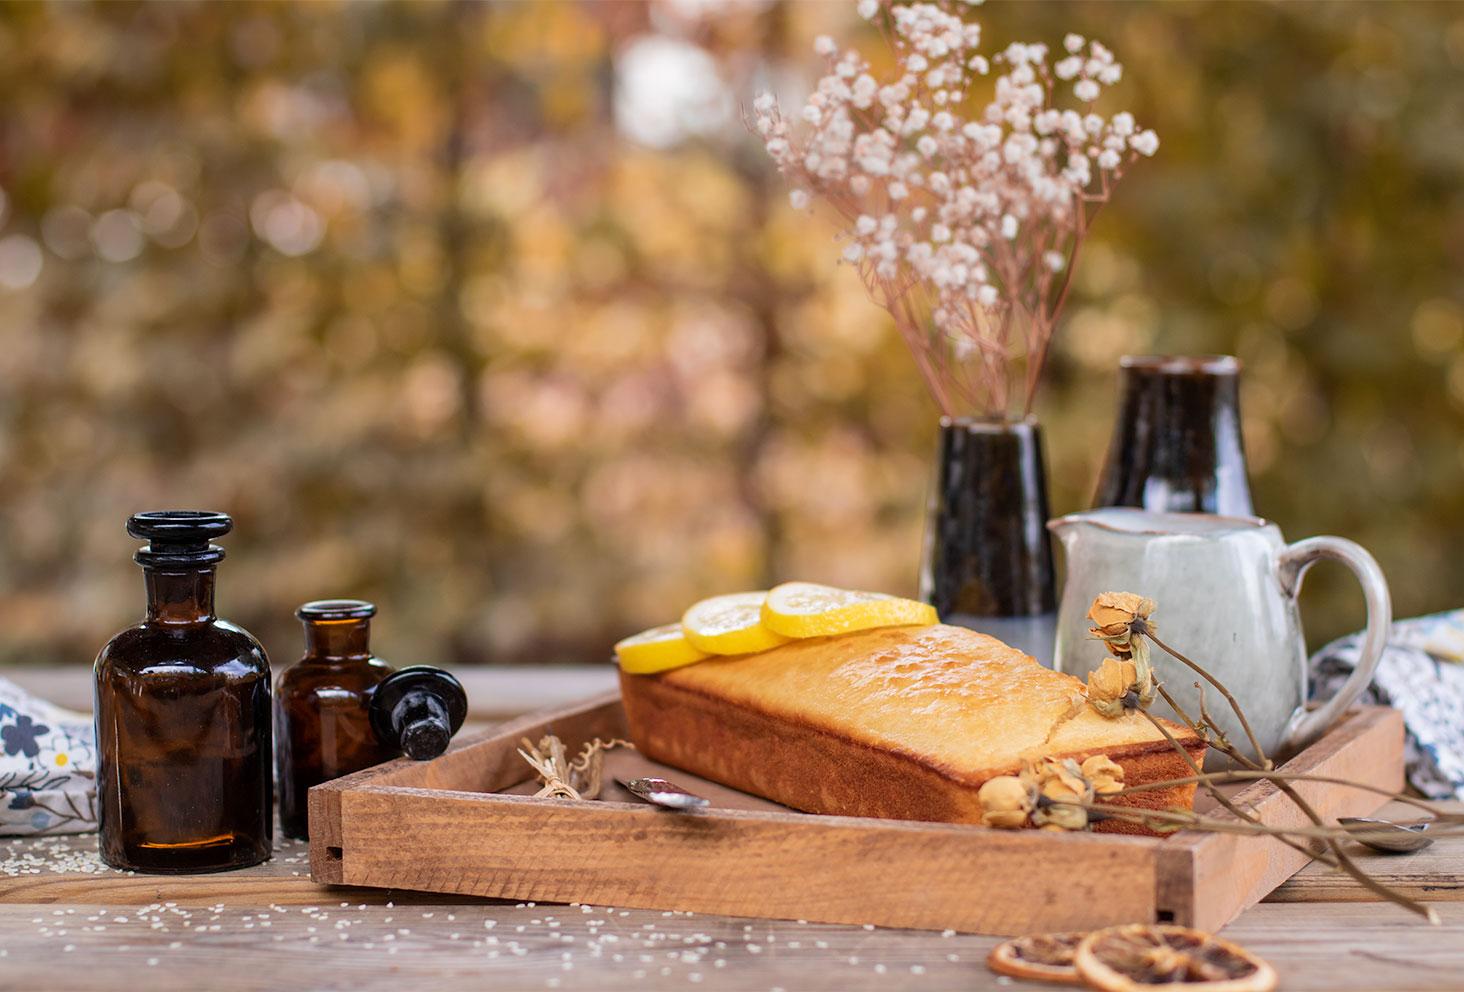 Un cake au citron moelleux avec des graines de sésame, sur un plateau en bois au milieu de fleurs séchées